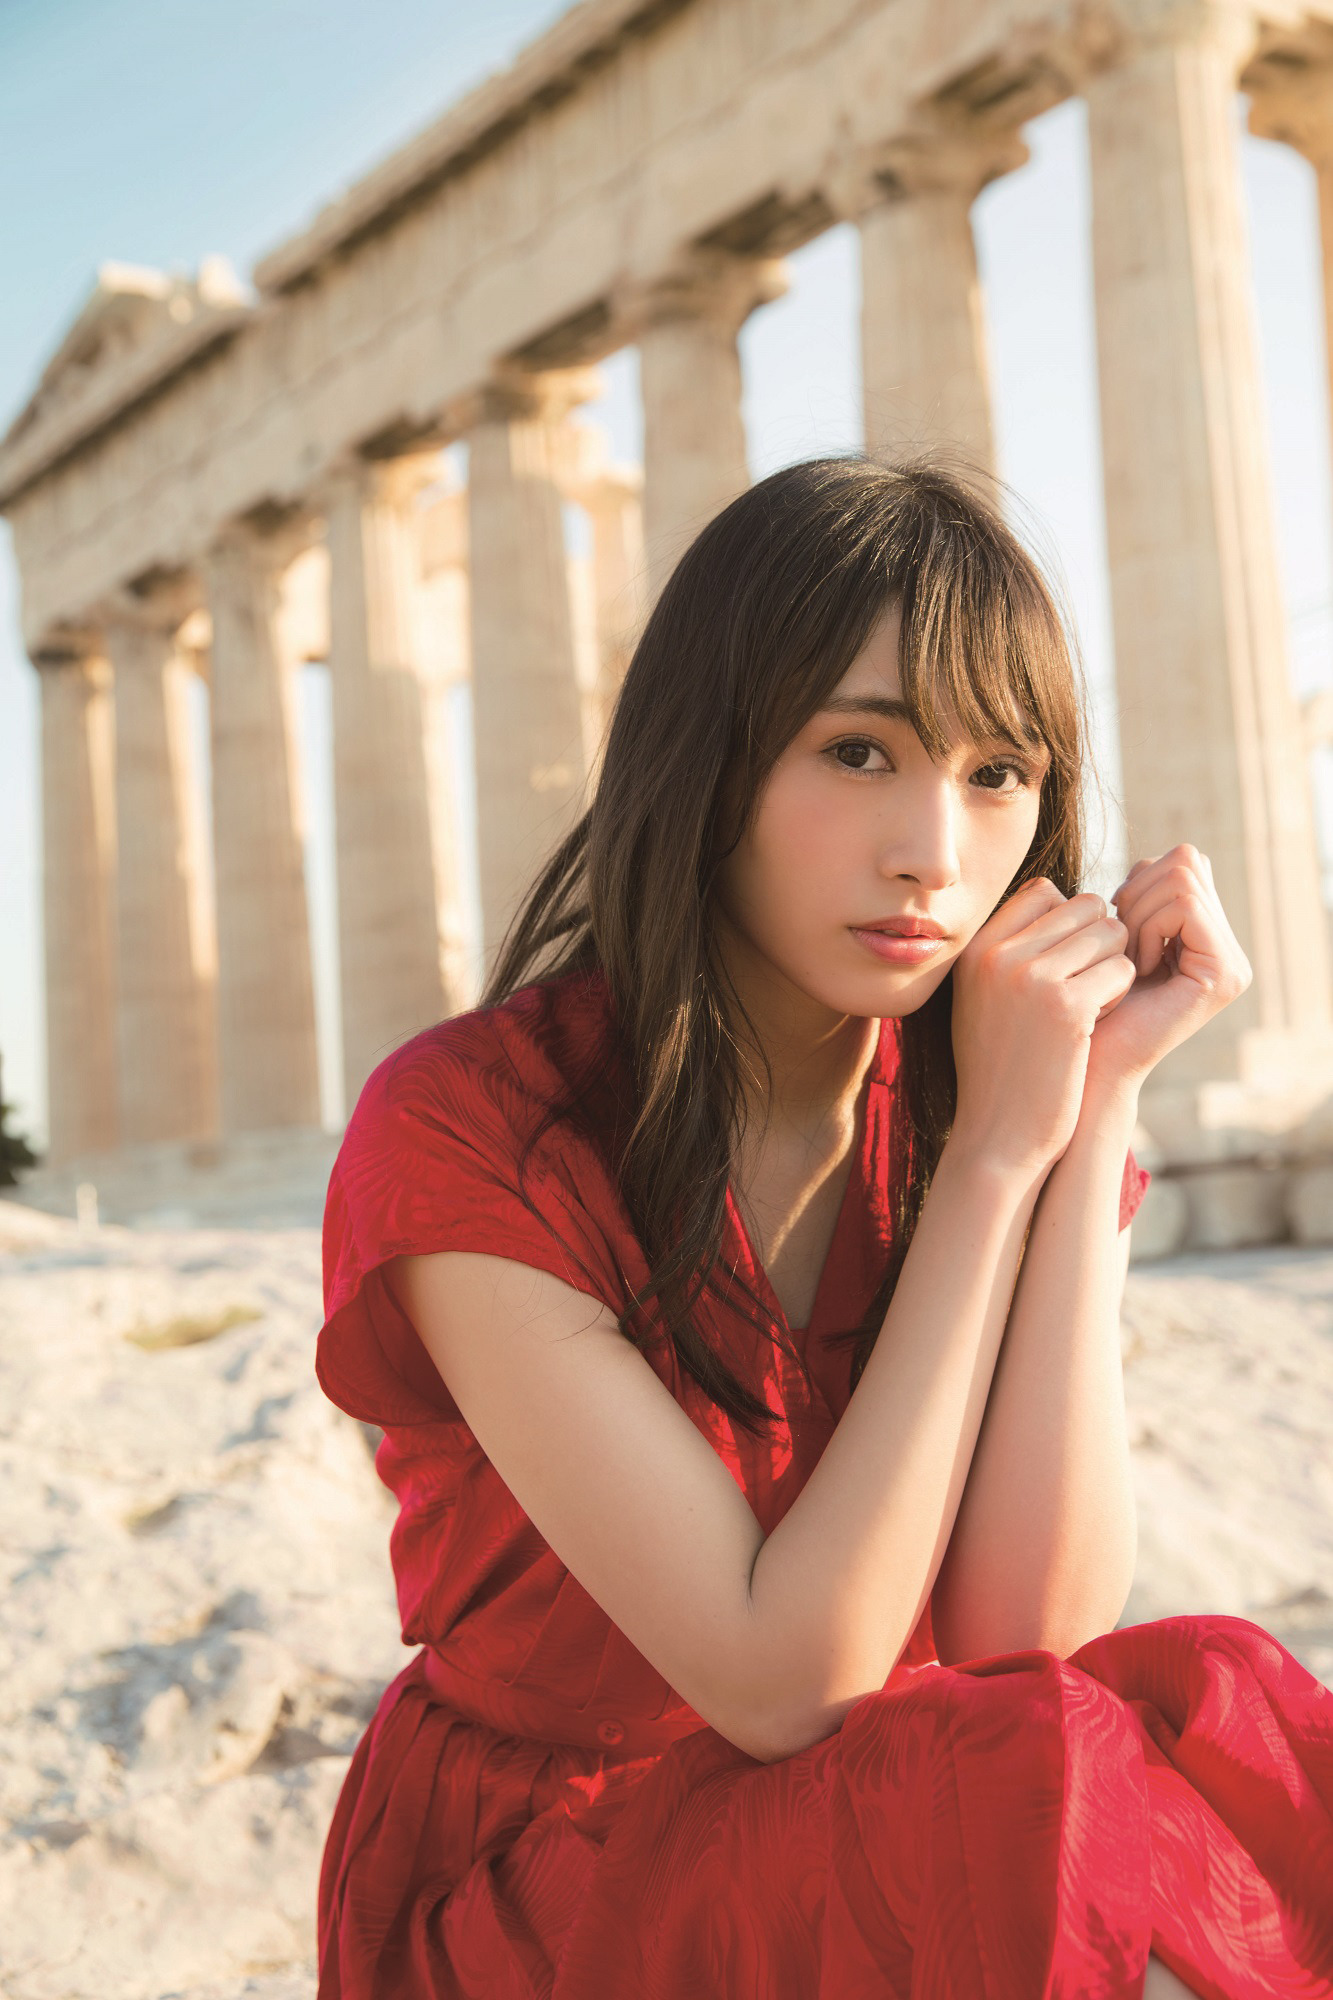 欅坂46渡辺梨加の写真集水着グラビア&アイコラエロ画像97枚・18枚目の画像